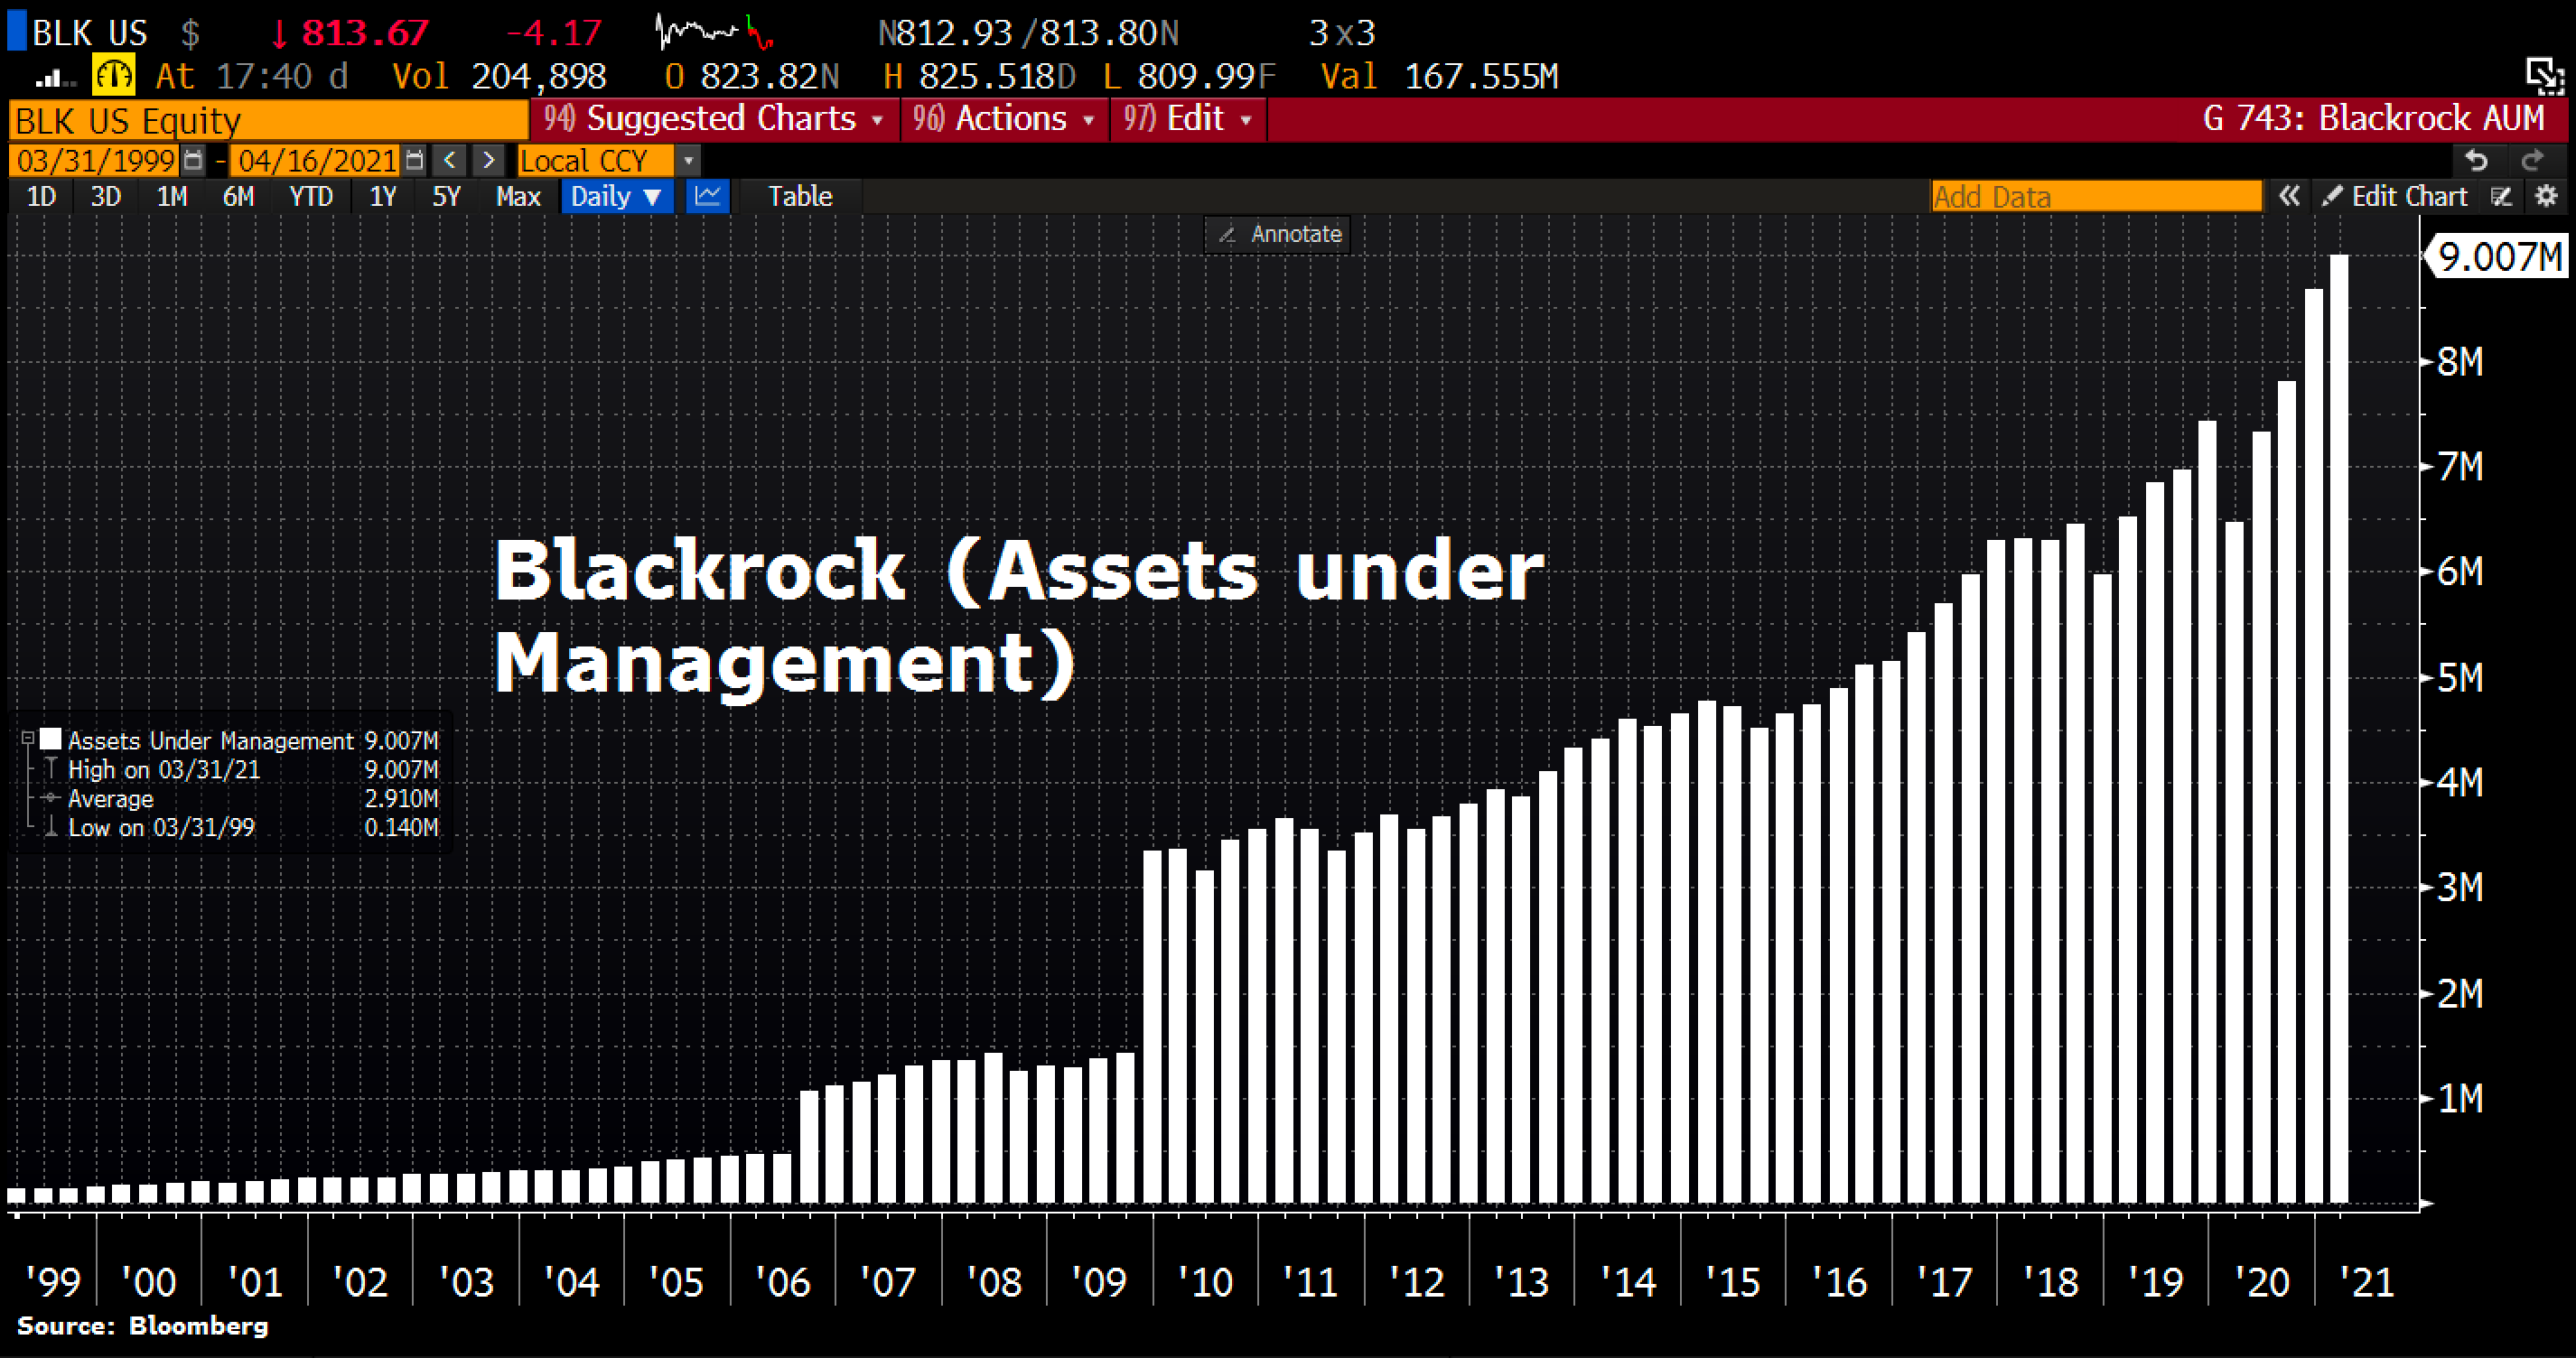 Blackrock assets under management